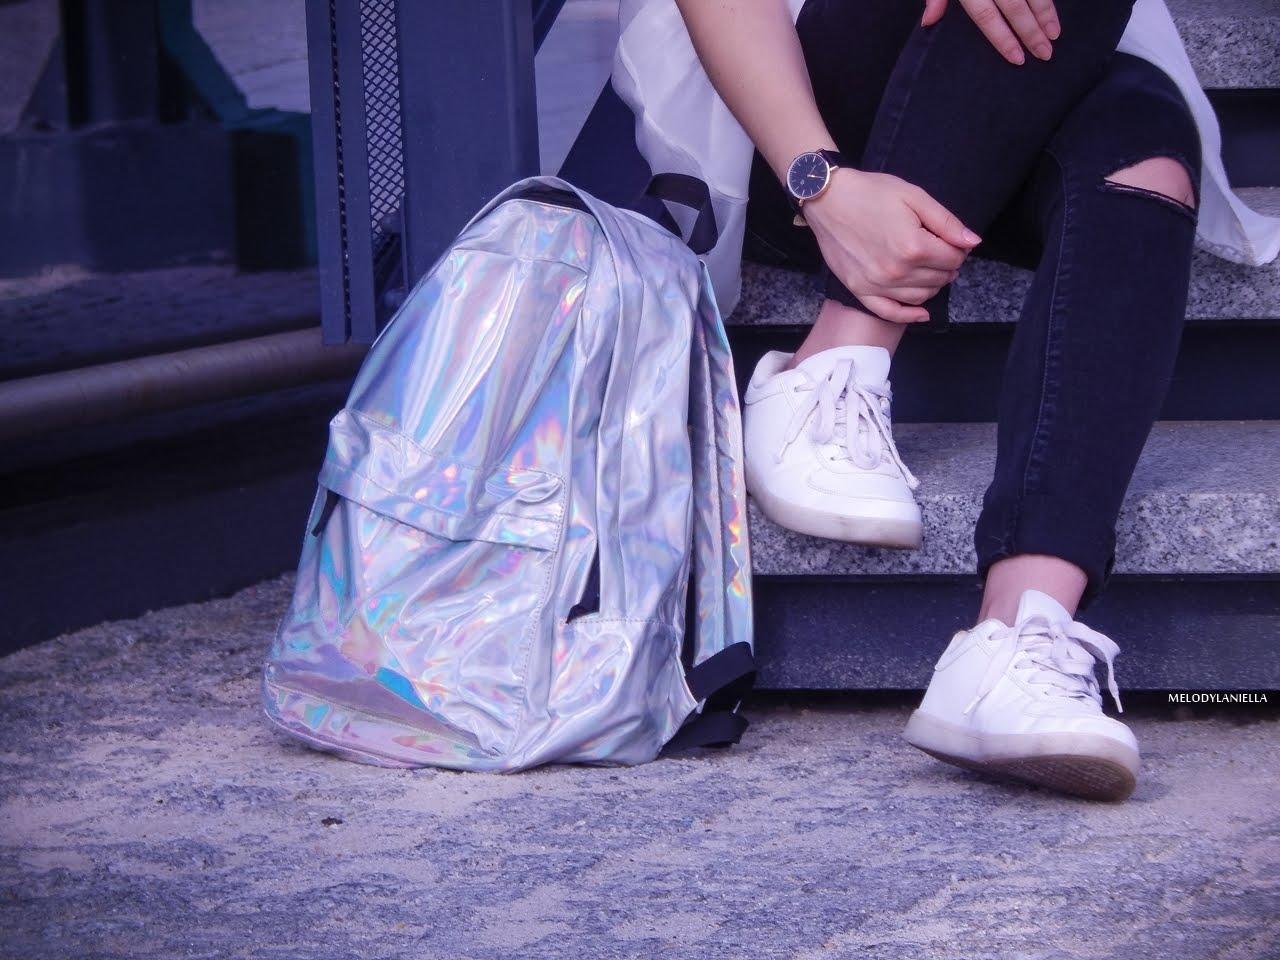 1 holograficzny plecak betterlook.pl farby venita różowe włosy jak pofarbować włosy kolorowe włosy ombre pink hair paul rich watches zegarek czarne jeansy z dziurami modna polka lookbook